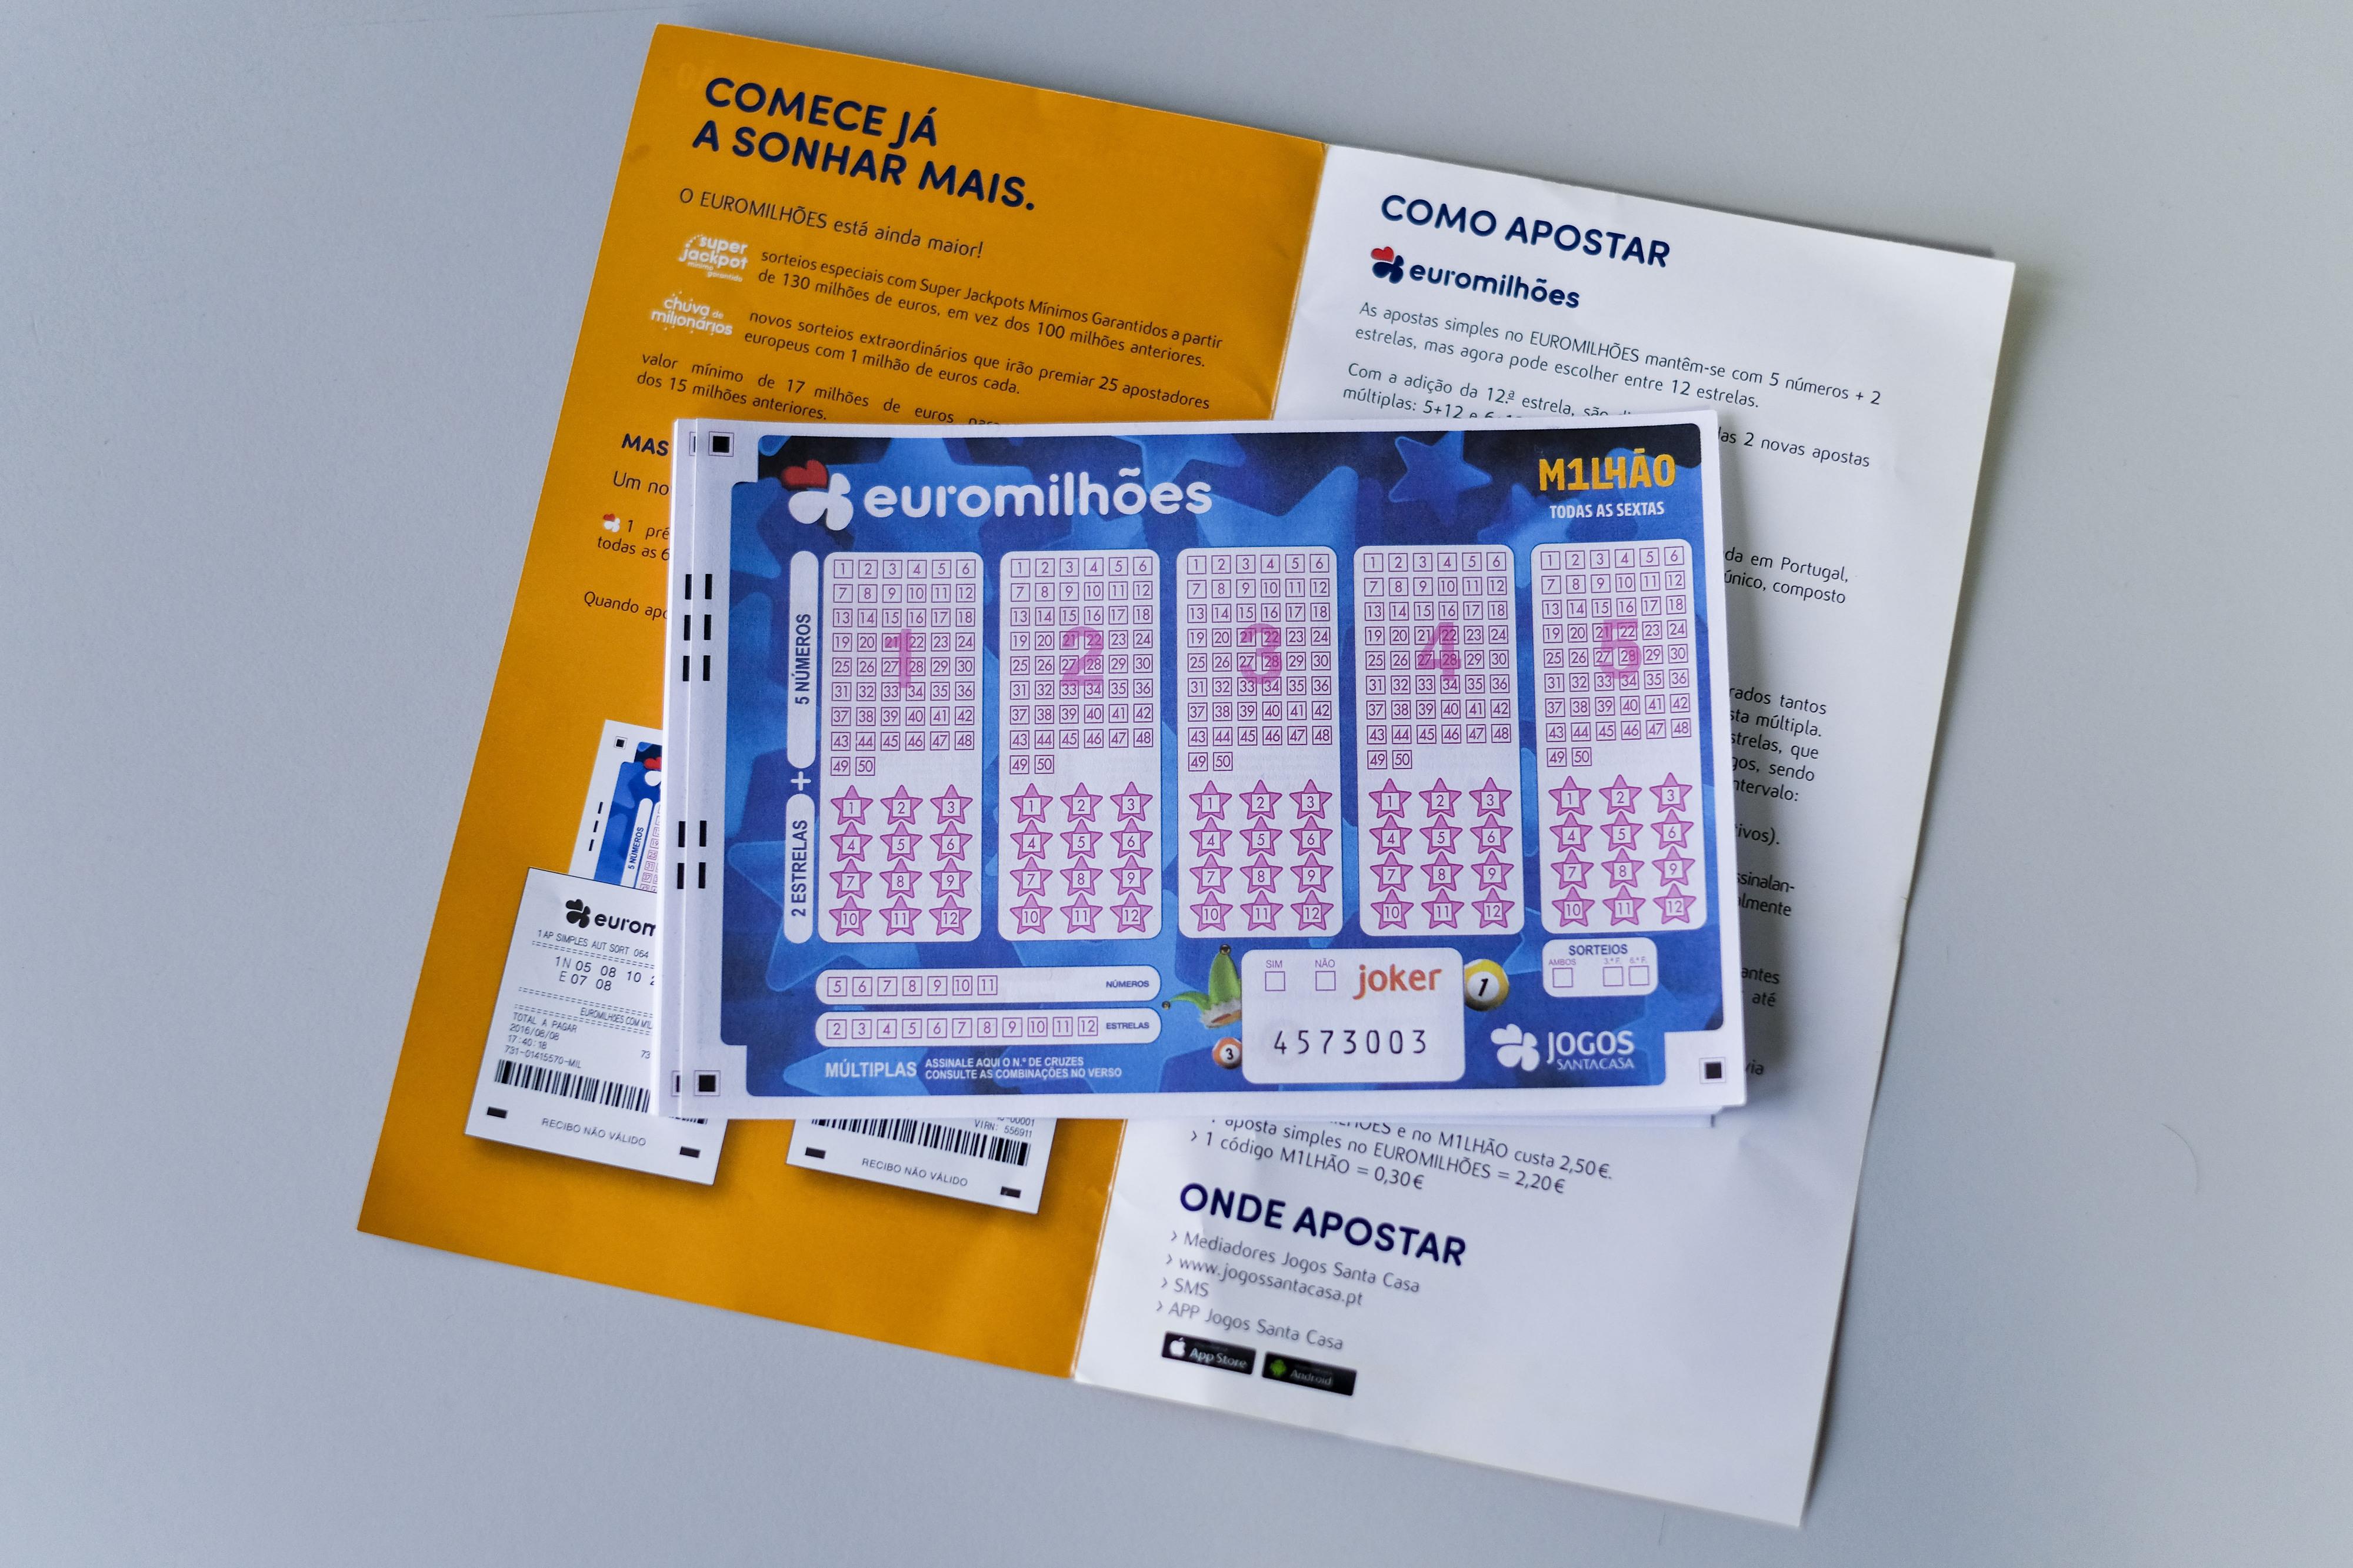 Euromilhões: Jackpot de 160 milhões de euros no próximo sorteio